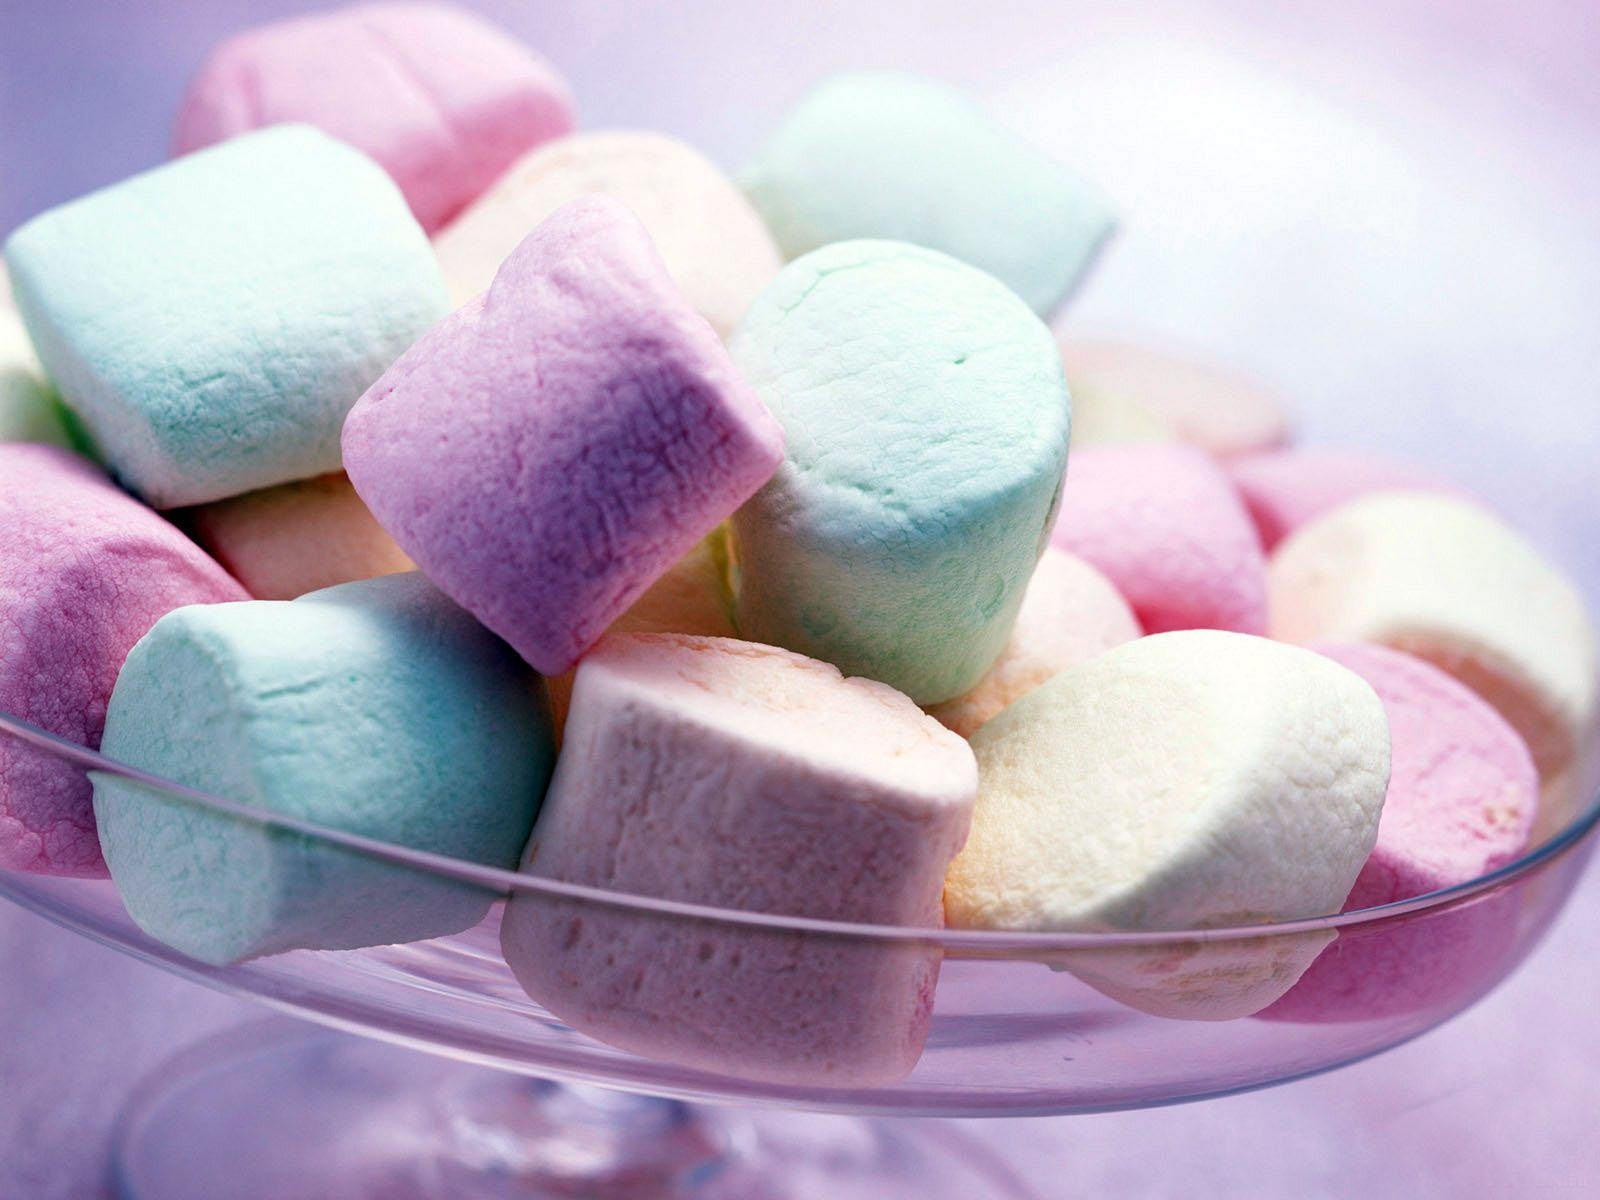 конфеты маршмеллоу фото крупные